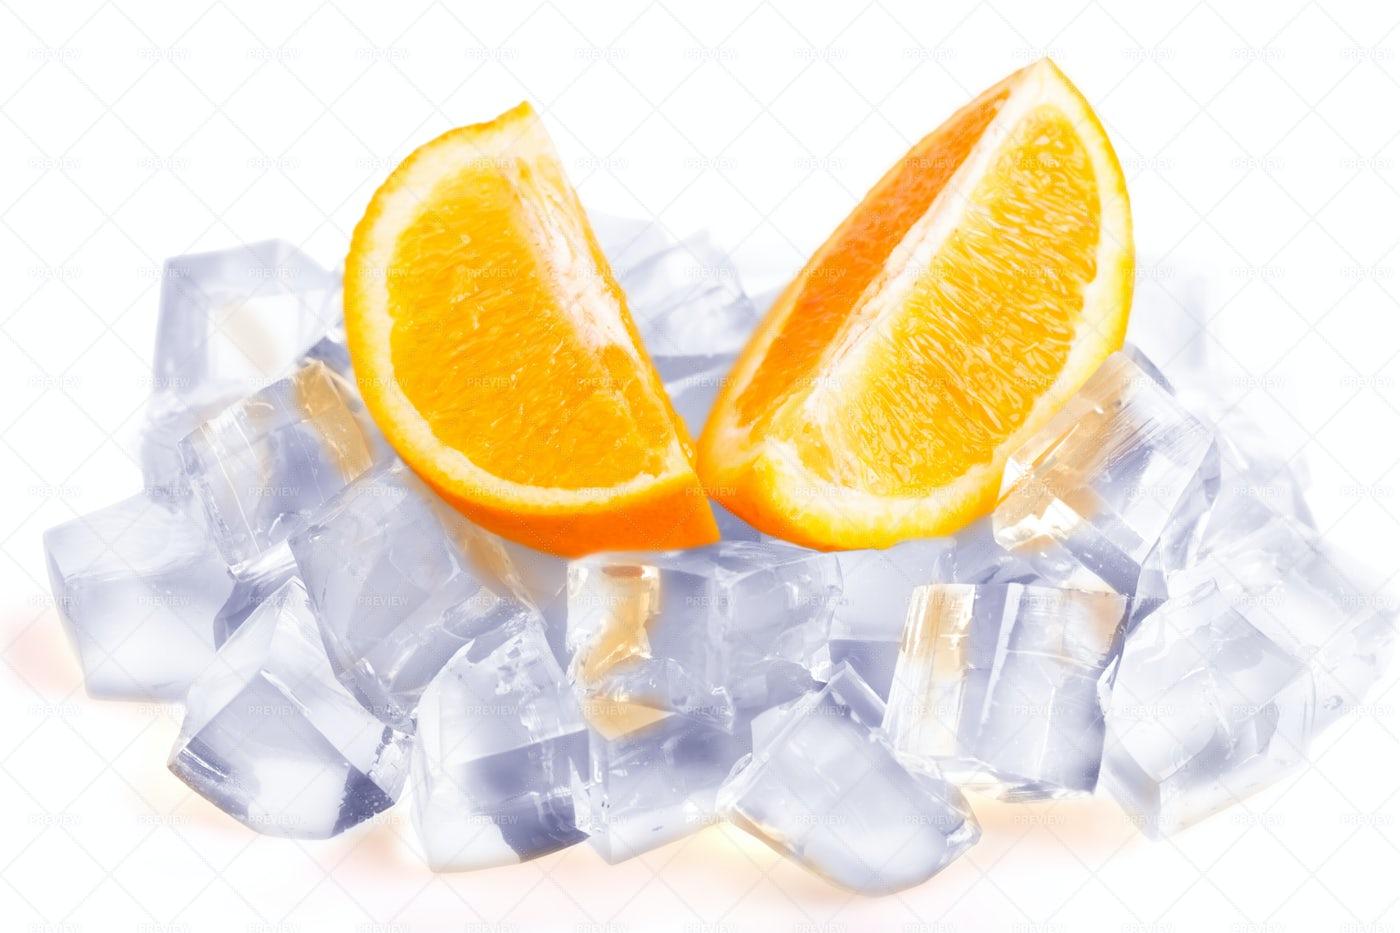 Two Orange Slices With Ice: Stock Photos